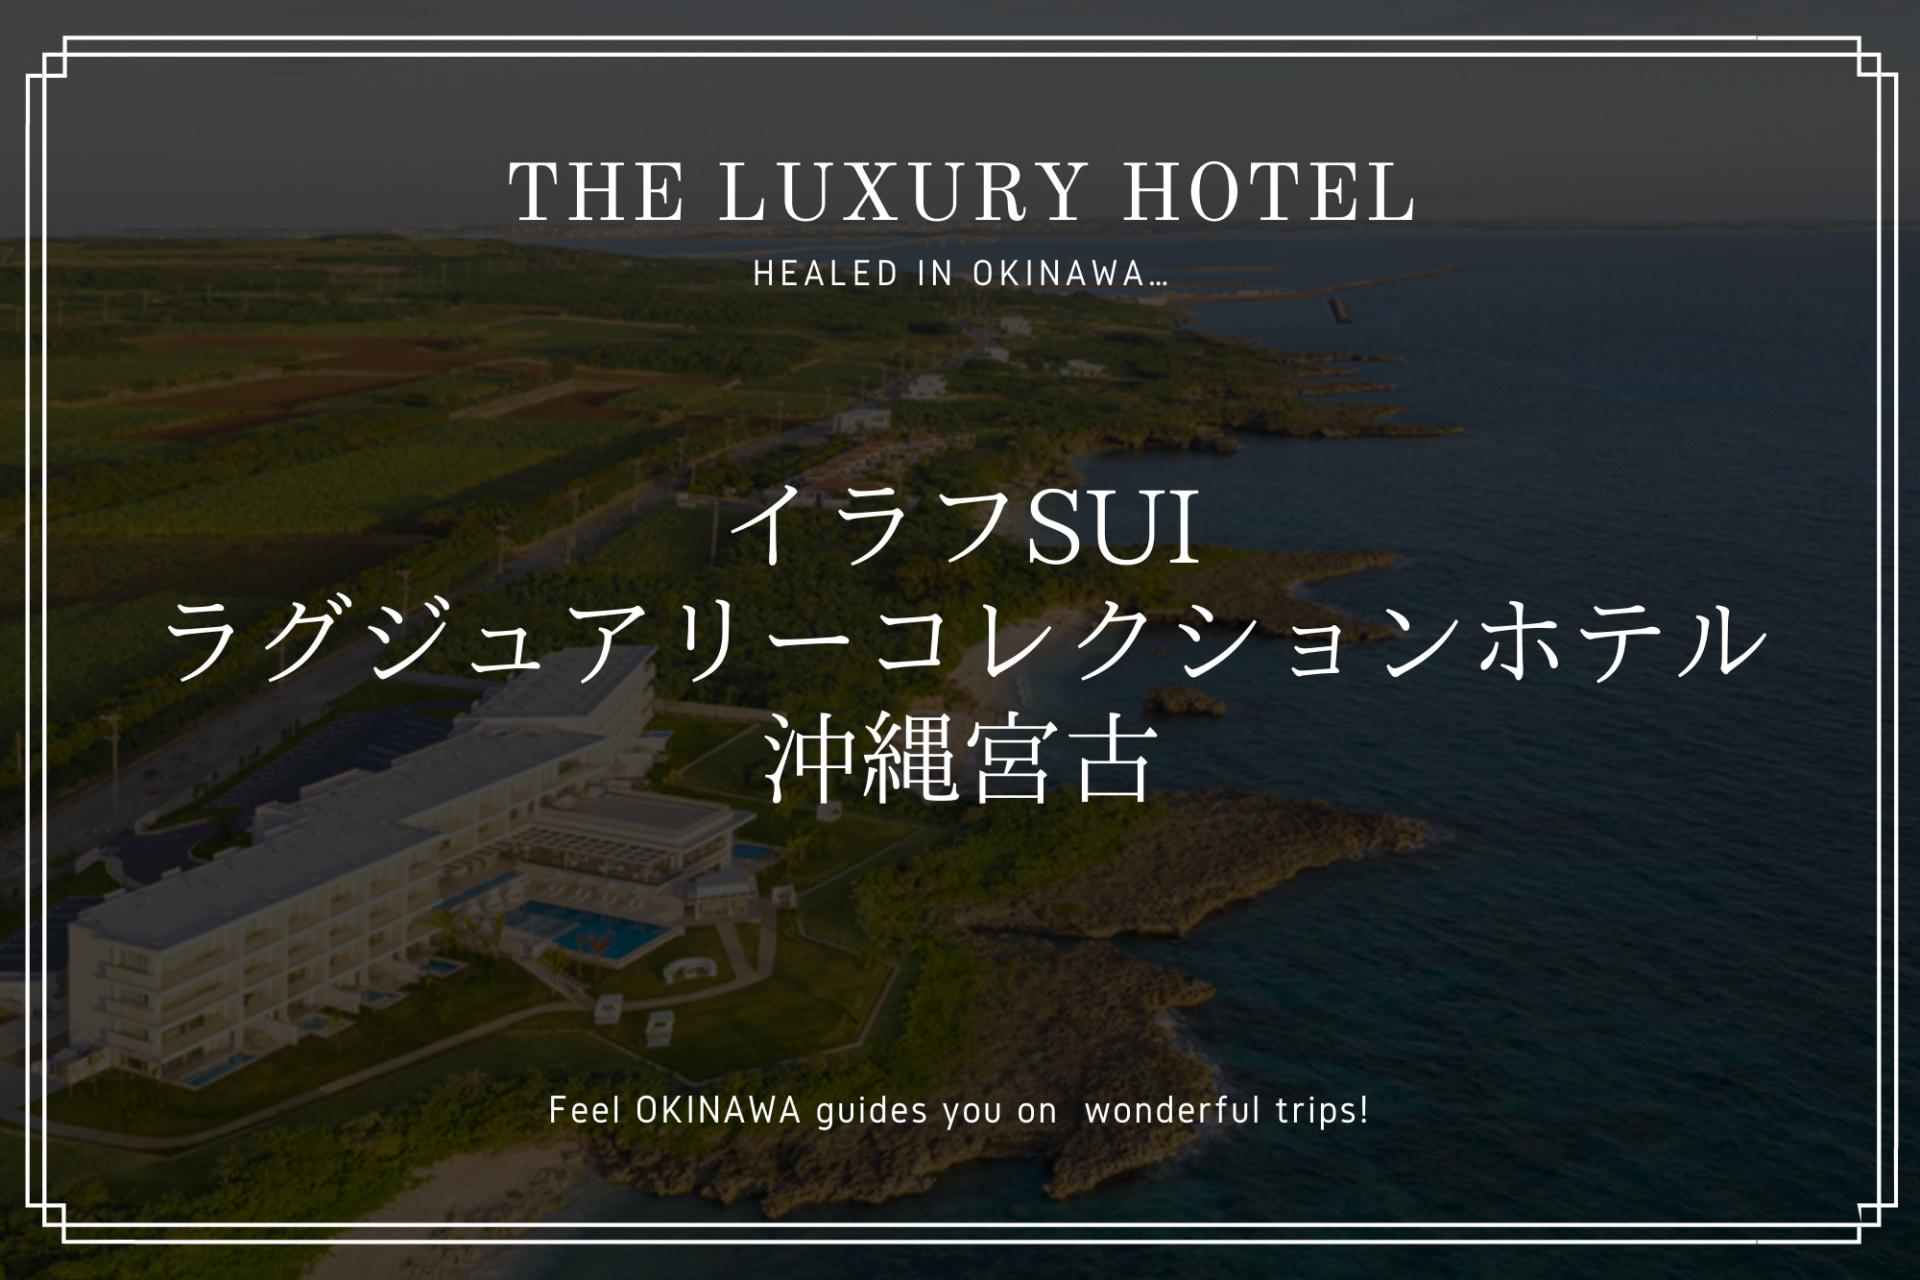 宮古島でラグジュアリーステイ「イラフ SUI ラグジュアリーコレクションホテル 沖縄宮古」